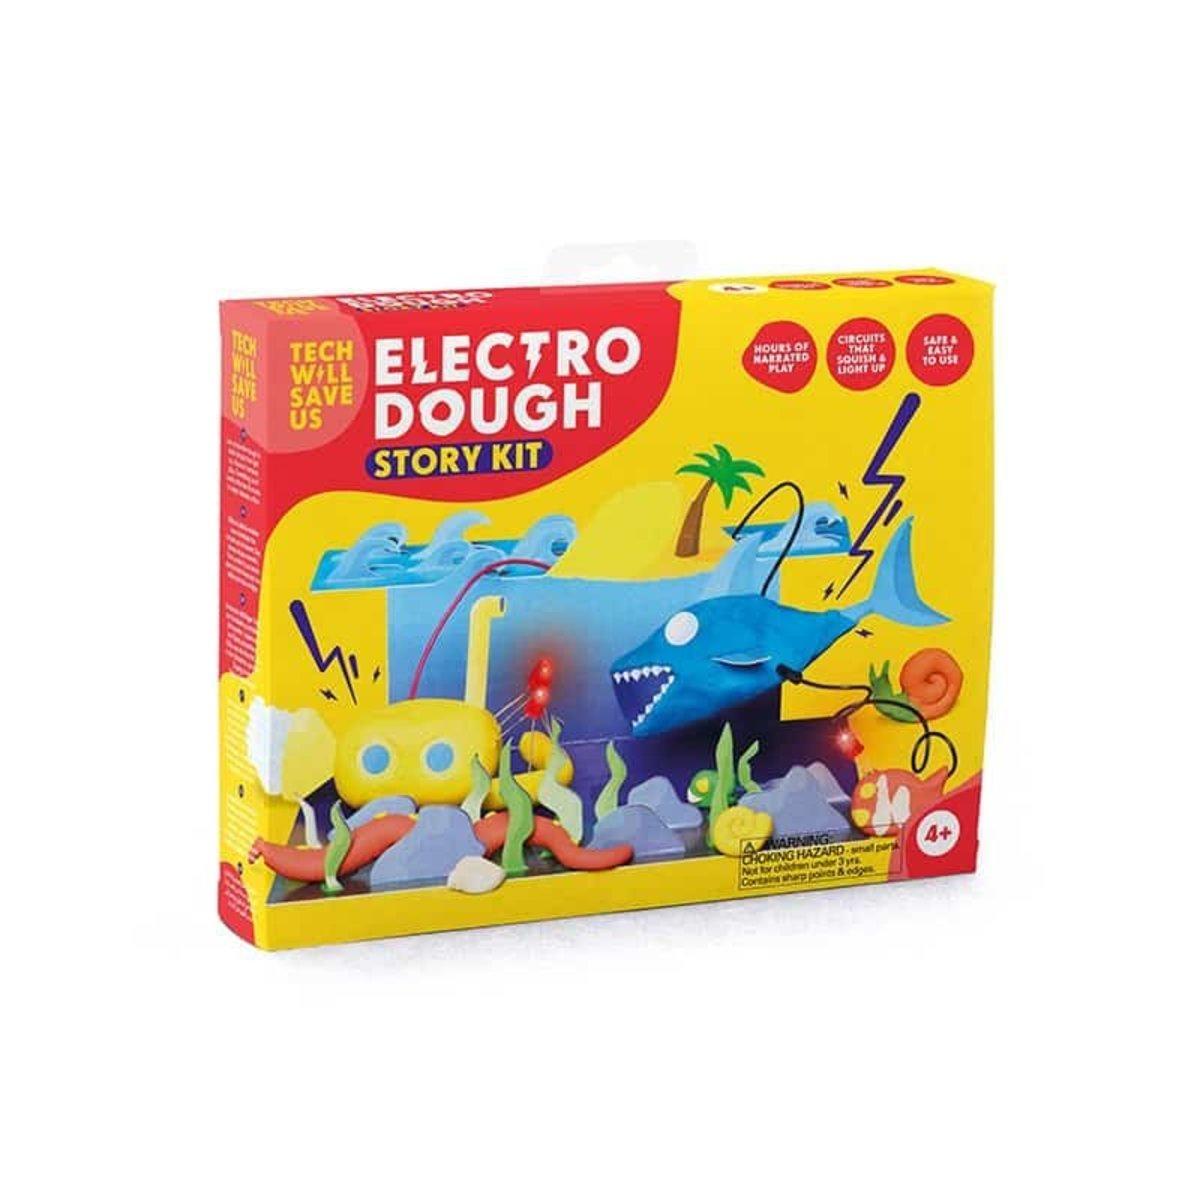 英國創意STEM玩具- 電子創意黏土-故事套裝